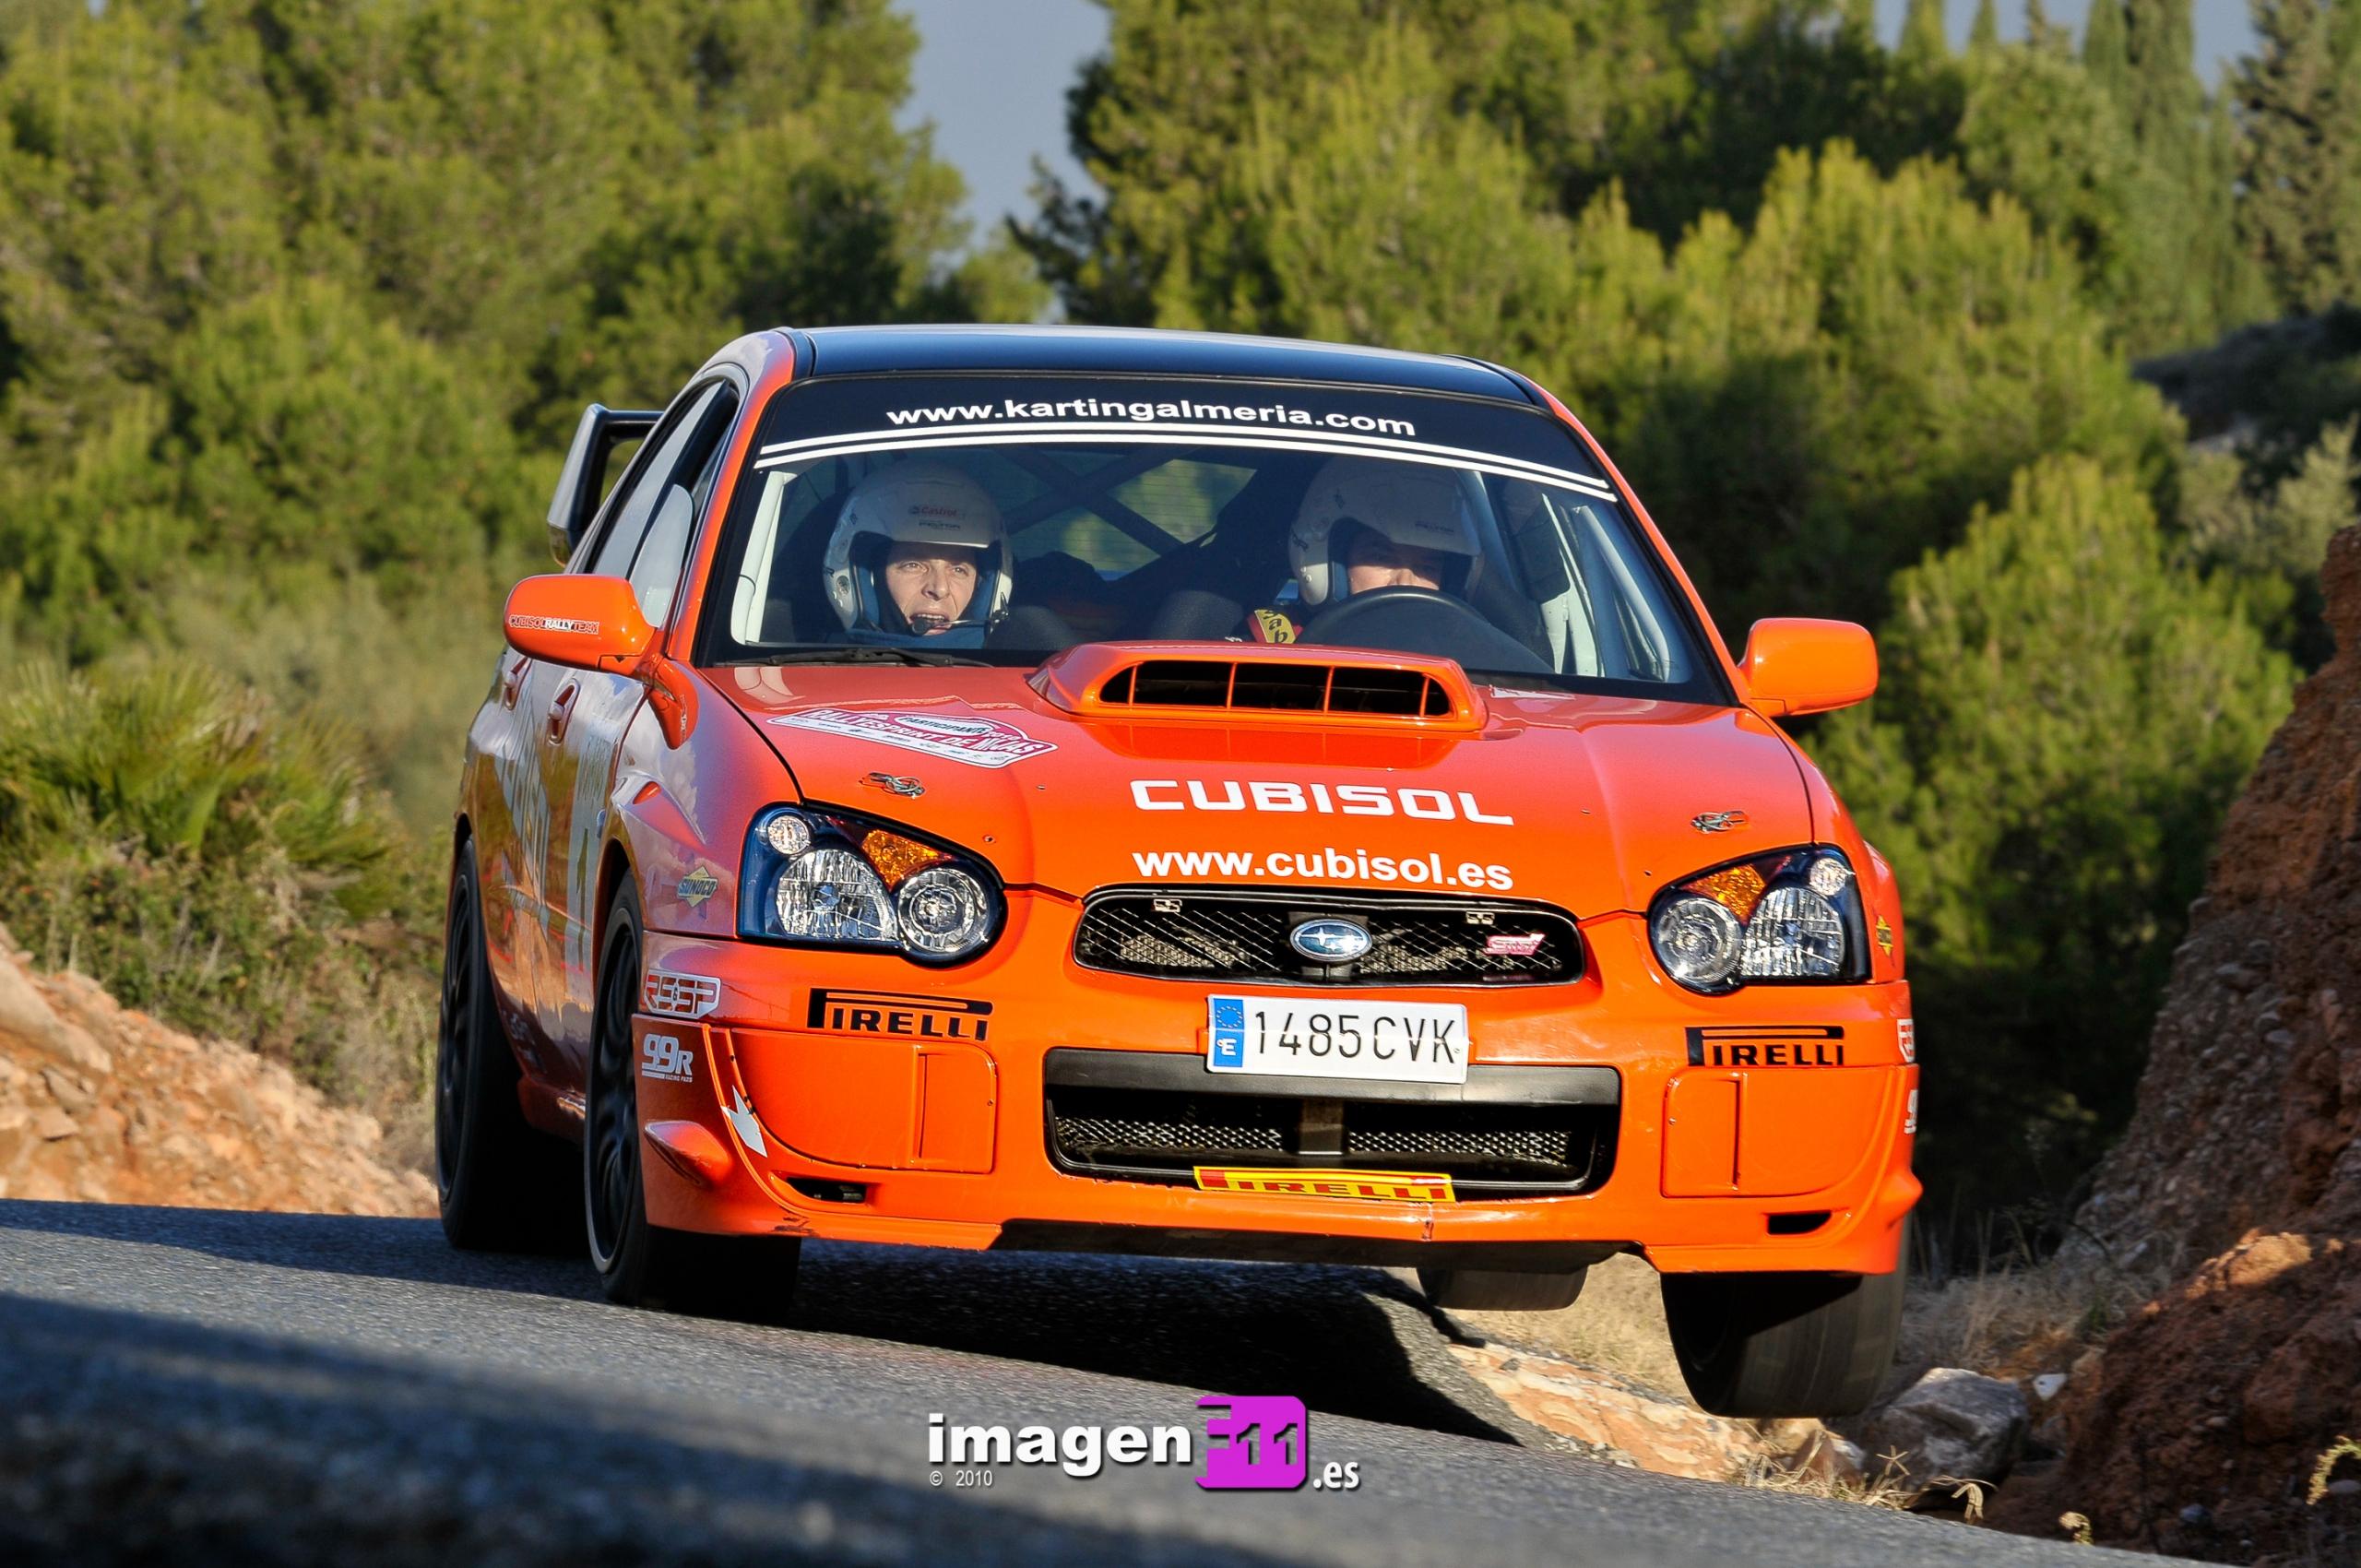 Resumen en datos temporada 2010 Cto. Andaluz de Rallyes.